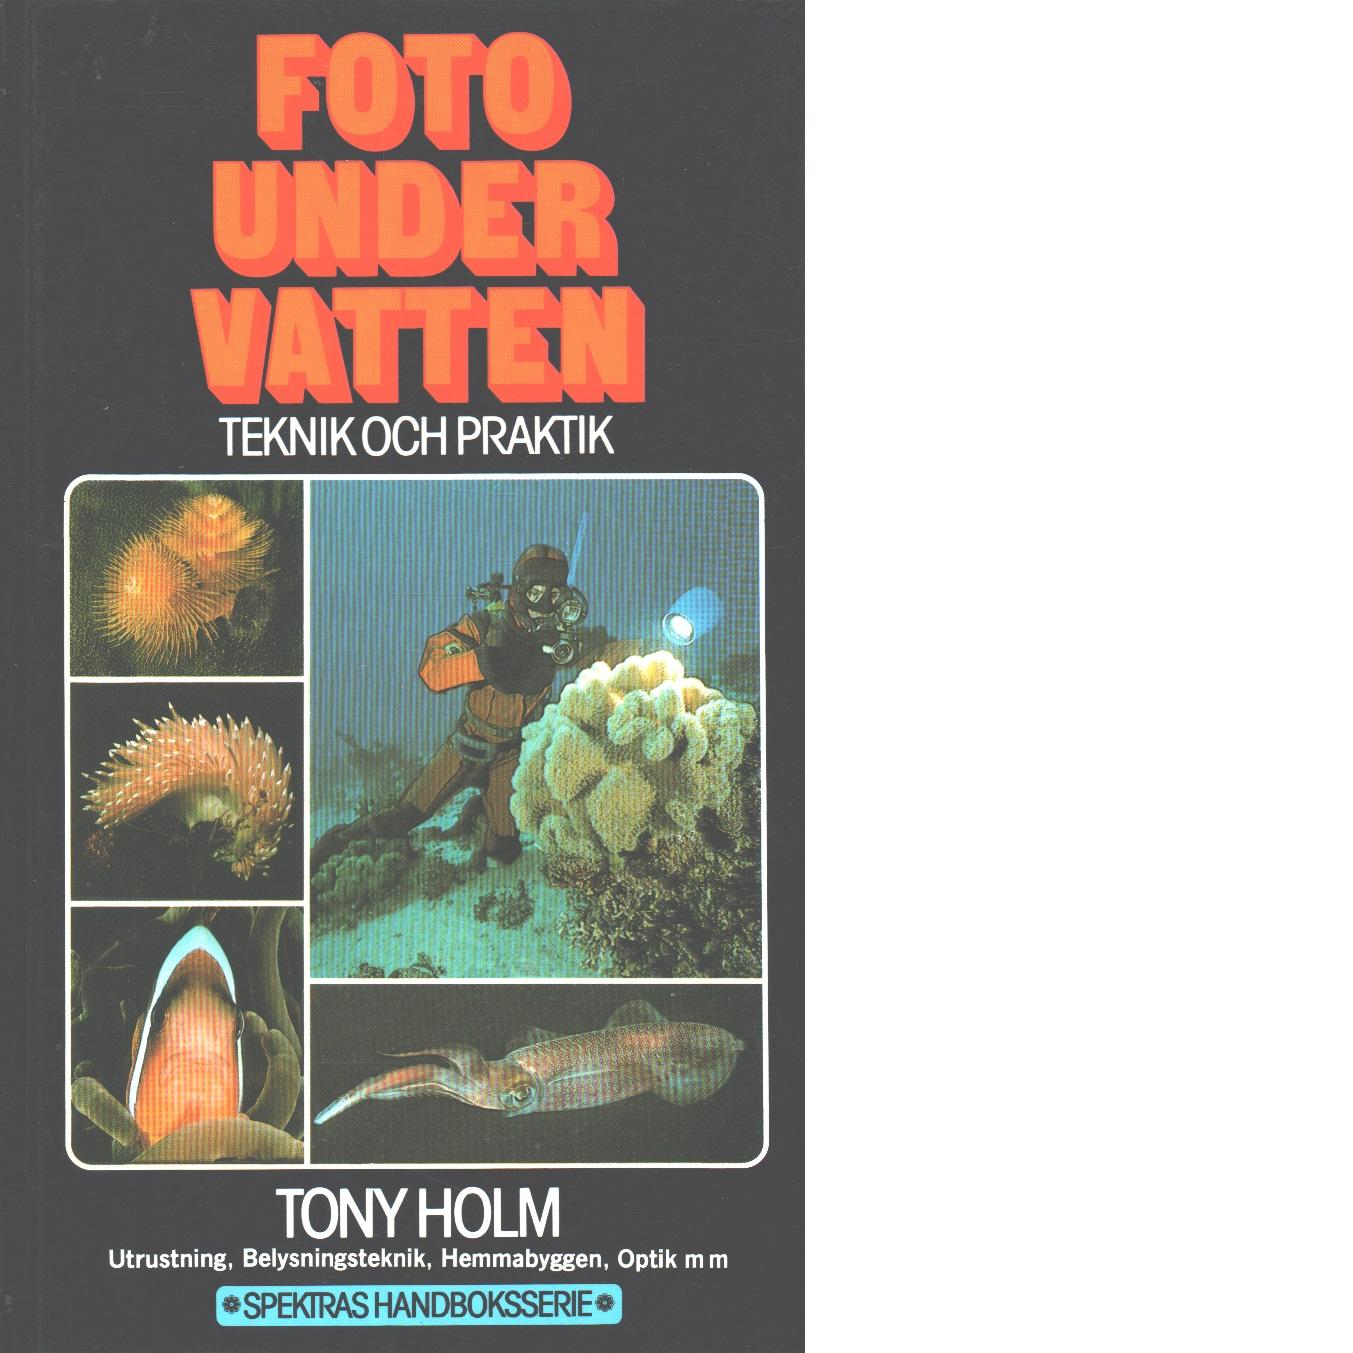 Foto under vatten : teknik och praktik - Holm, Tony